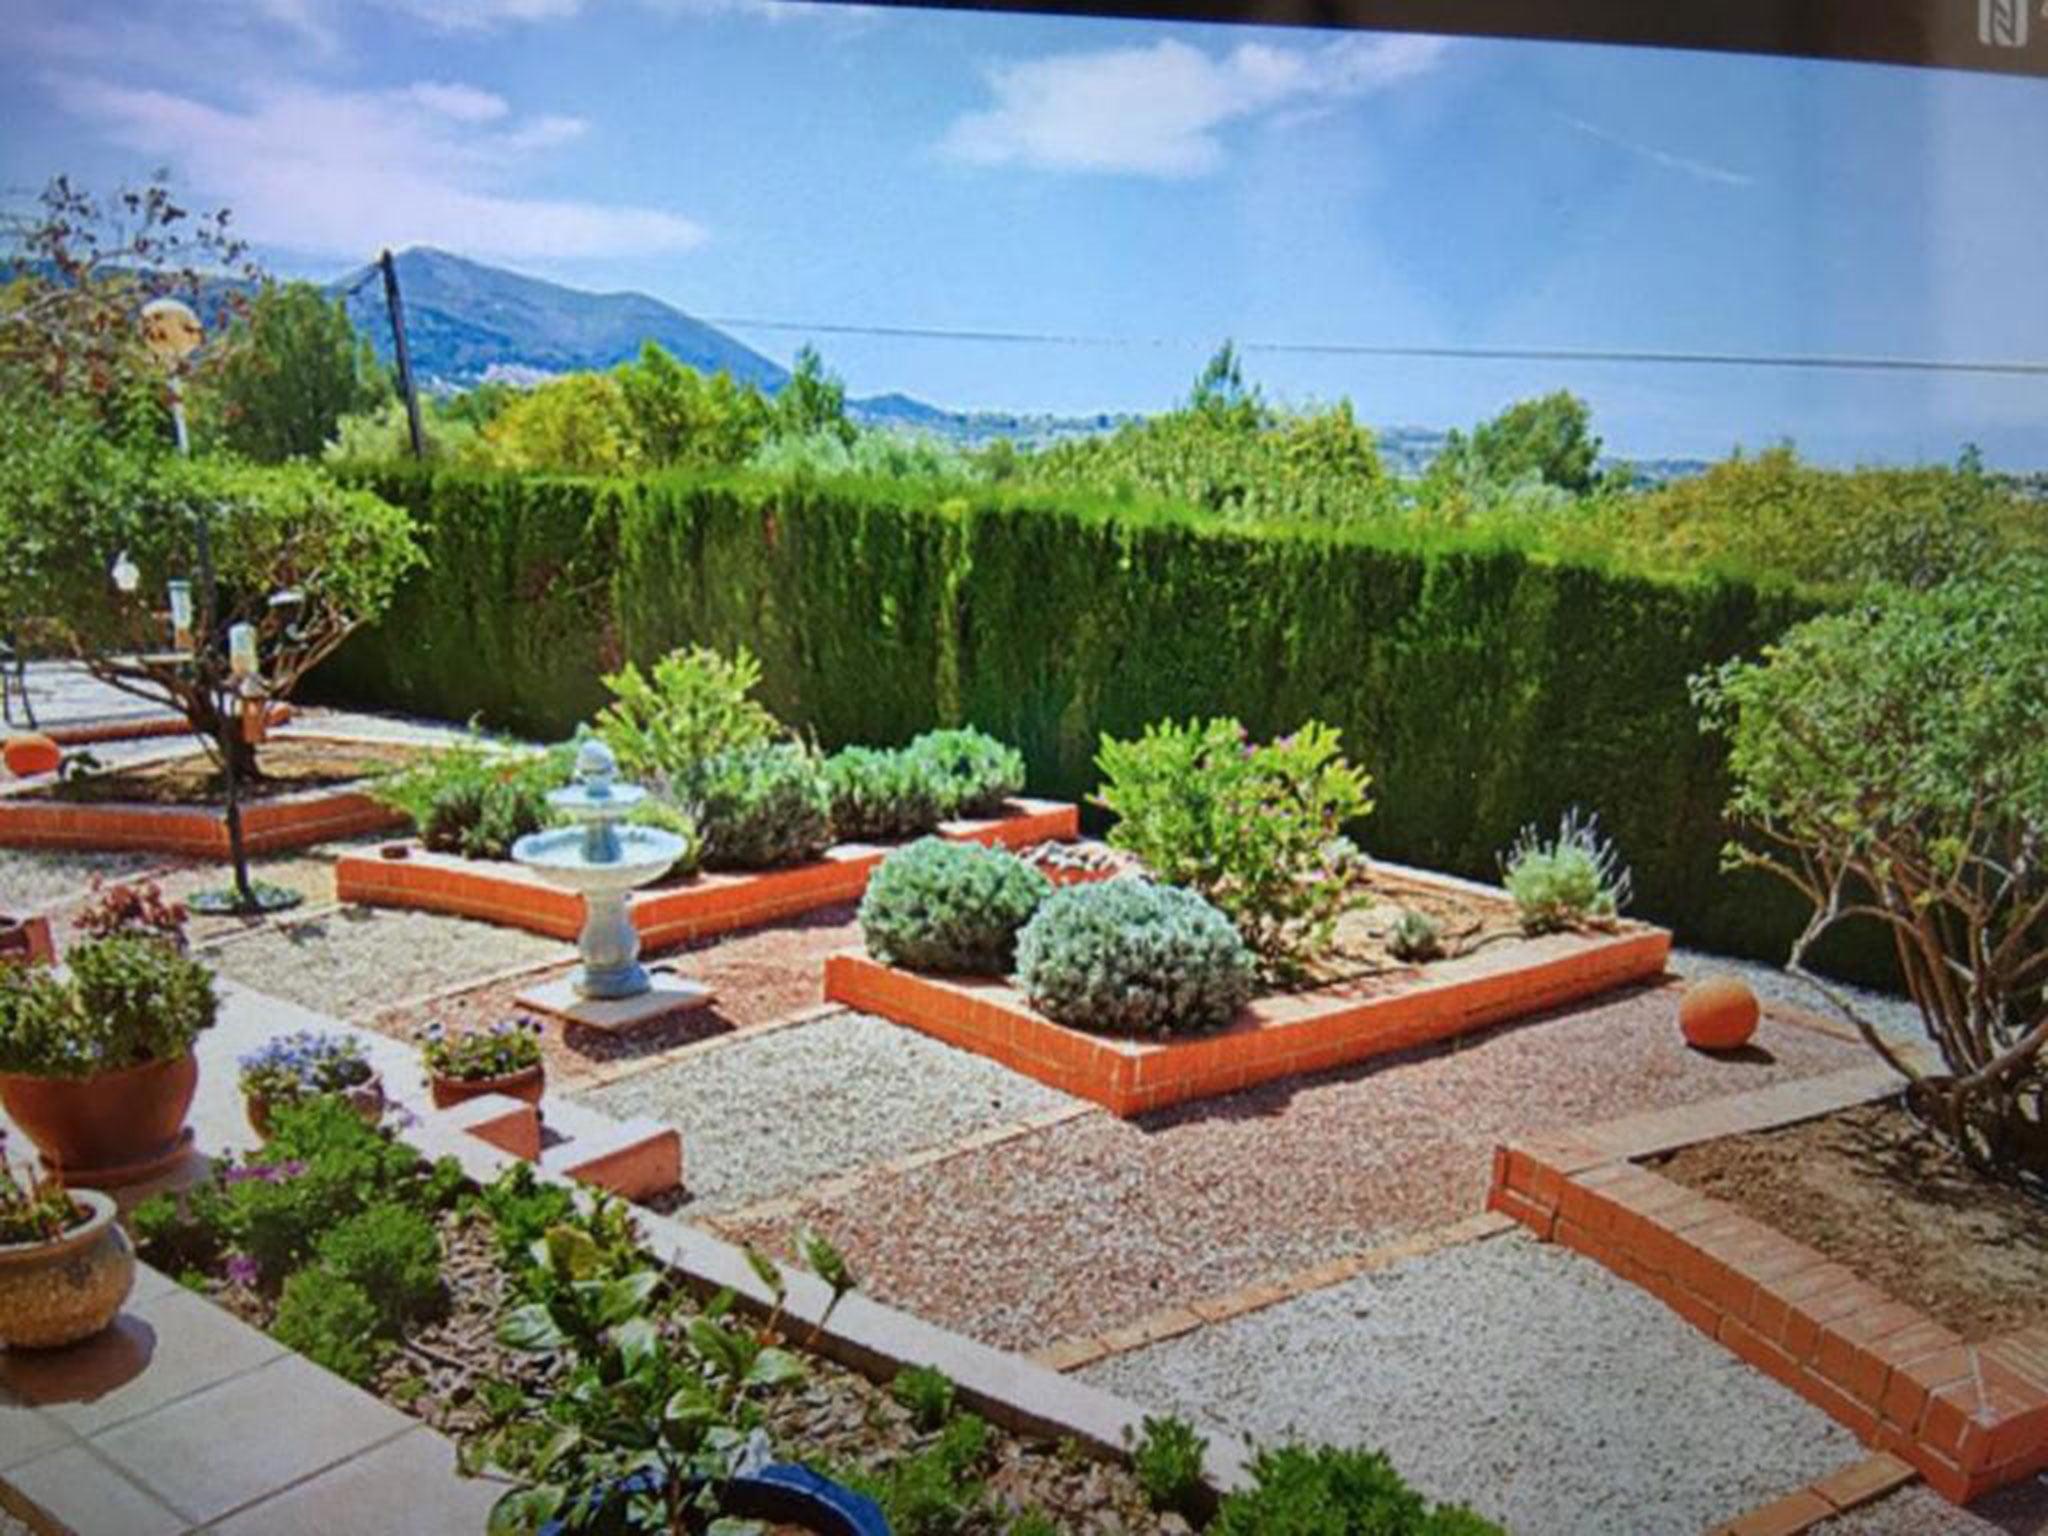 Vista del jardín mediterráneo desde un chalet en venta en Jávea – Atina Inmobiliaria